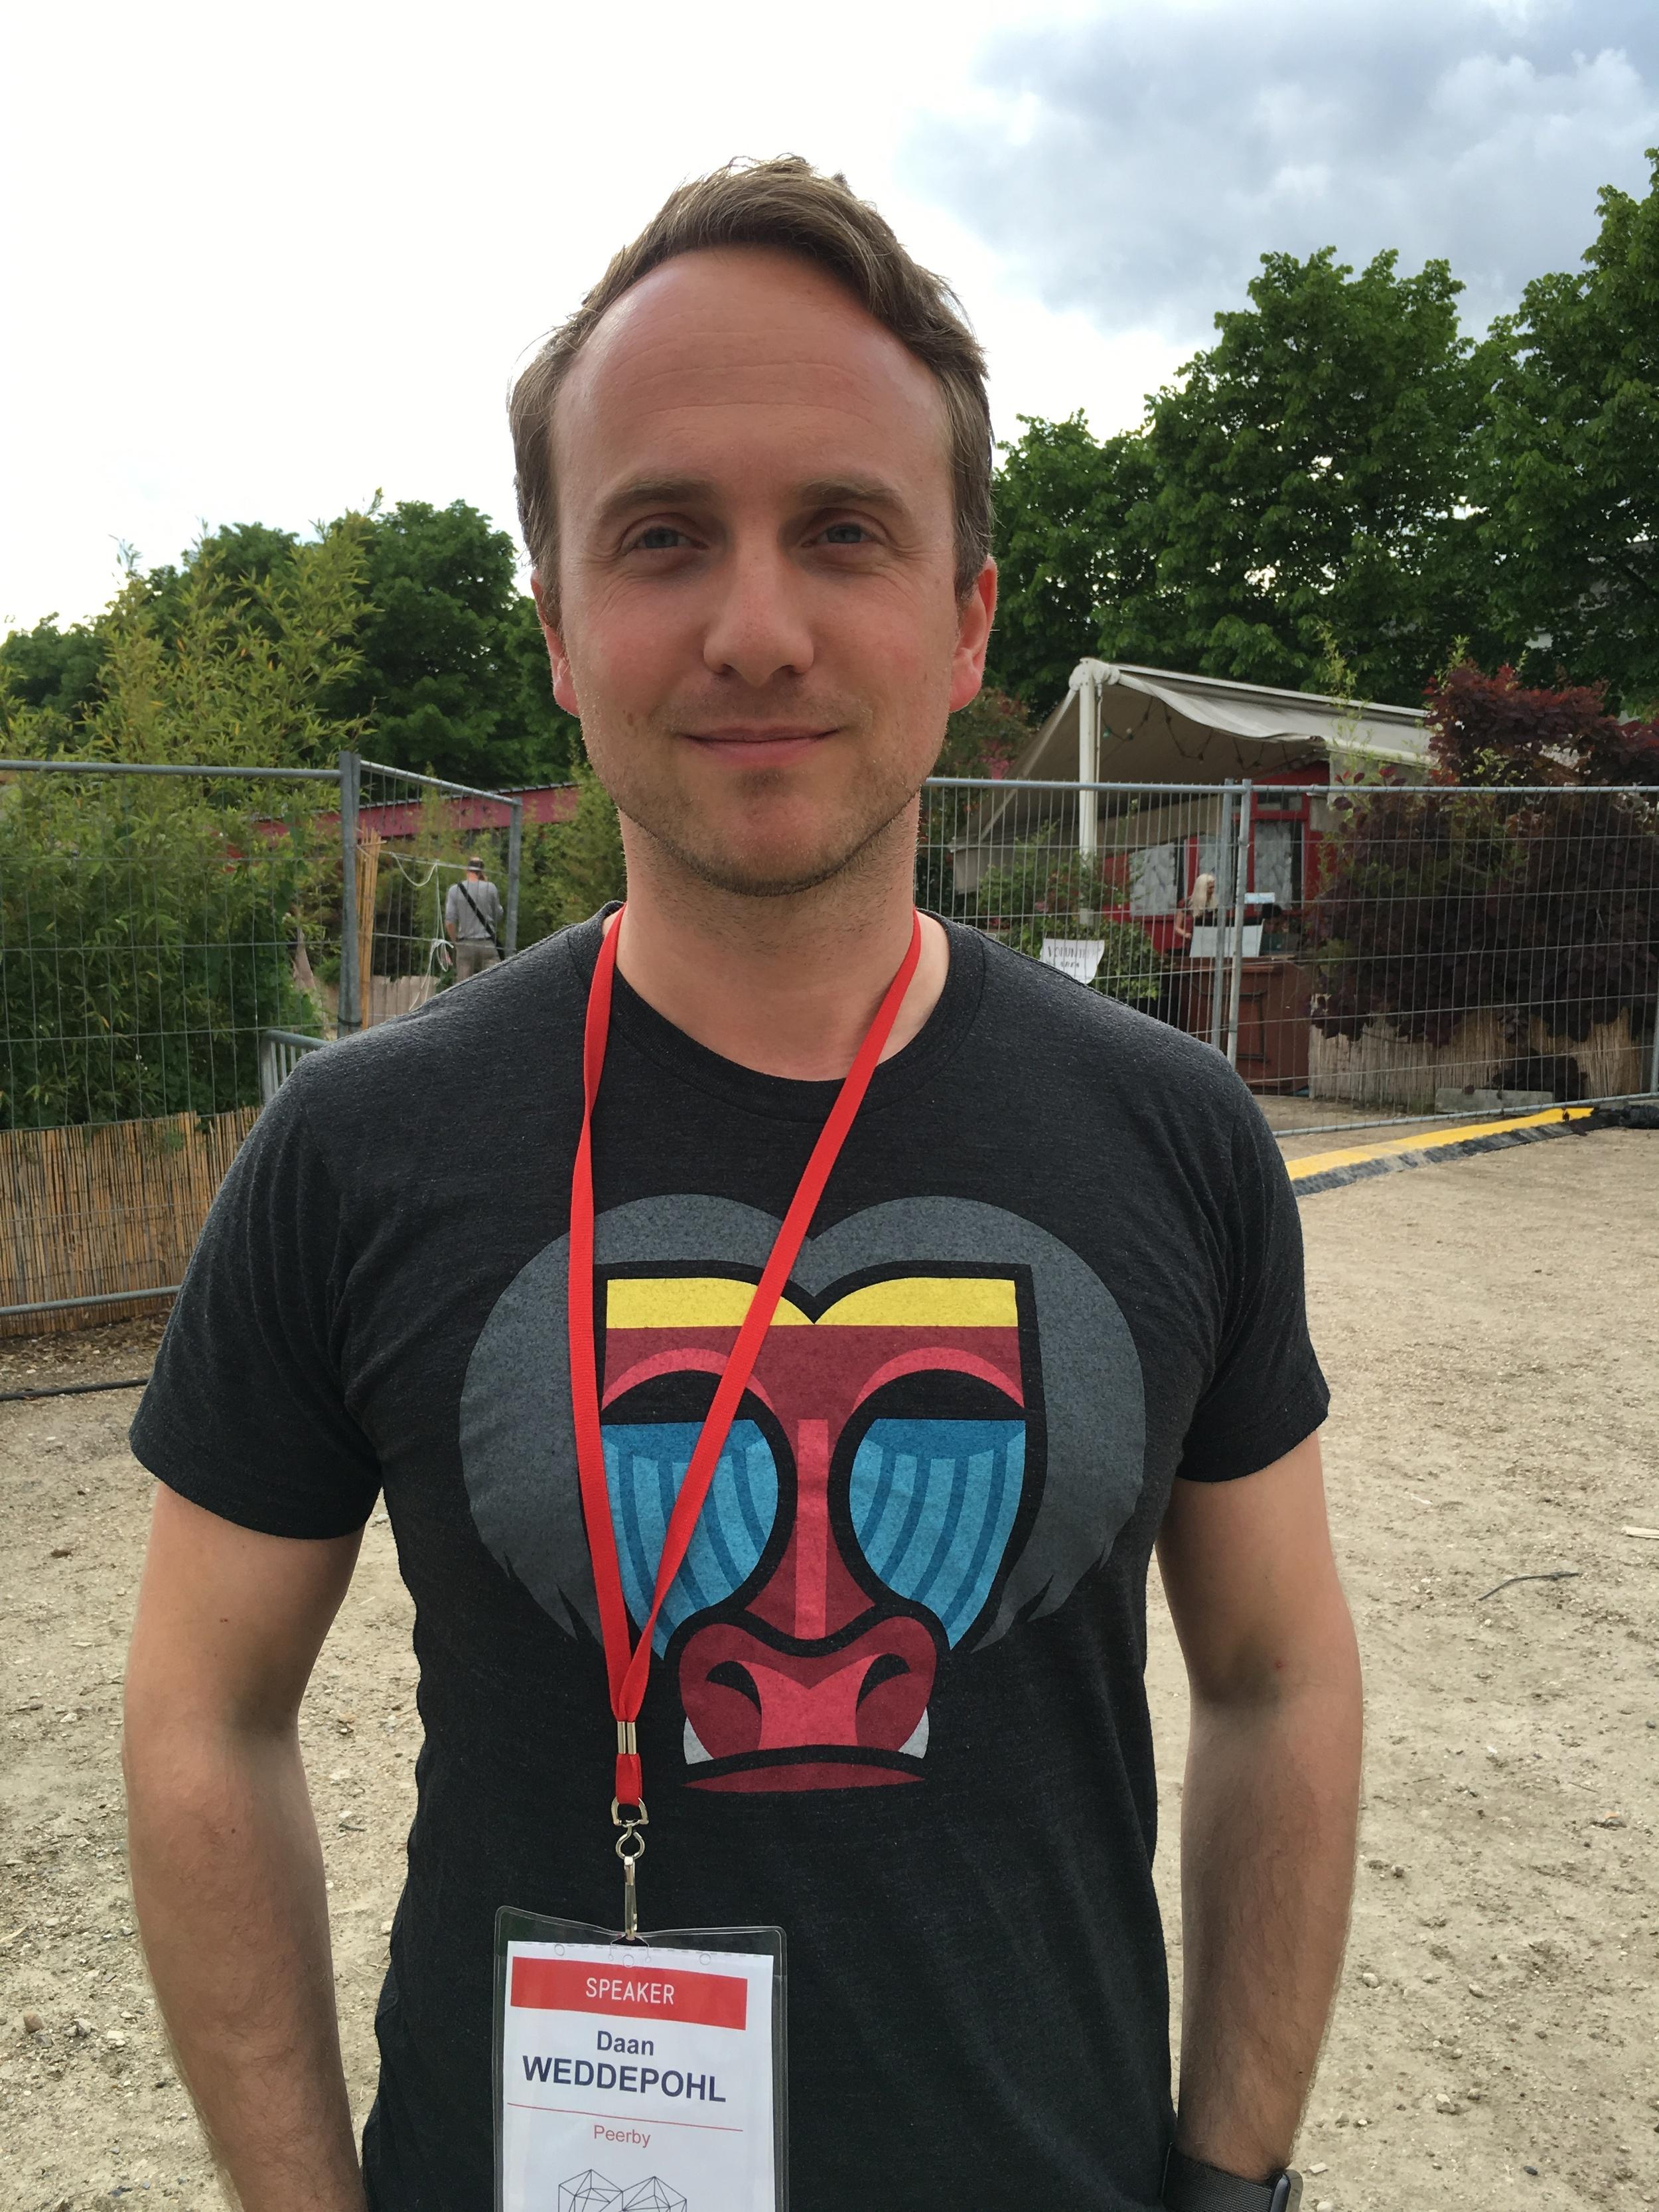 Daan Weddepohl, founder of Peerby